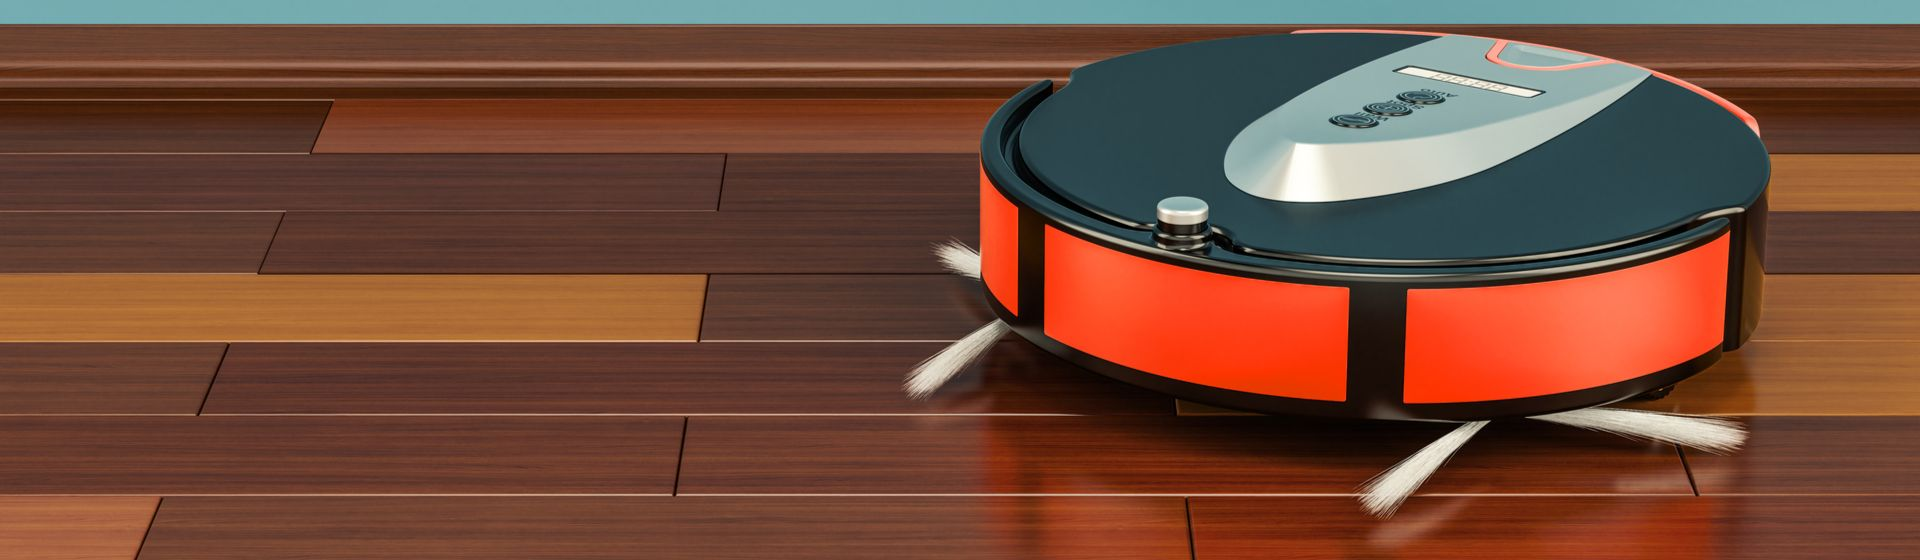 Aspirador de Pó Robô Wap Controle Remoto Robot W300